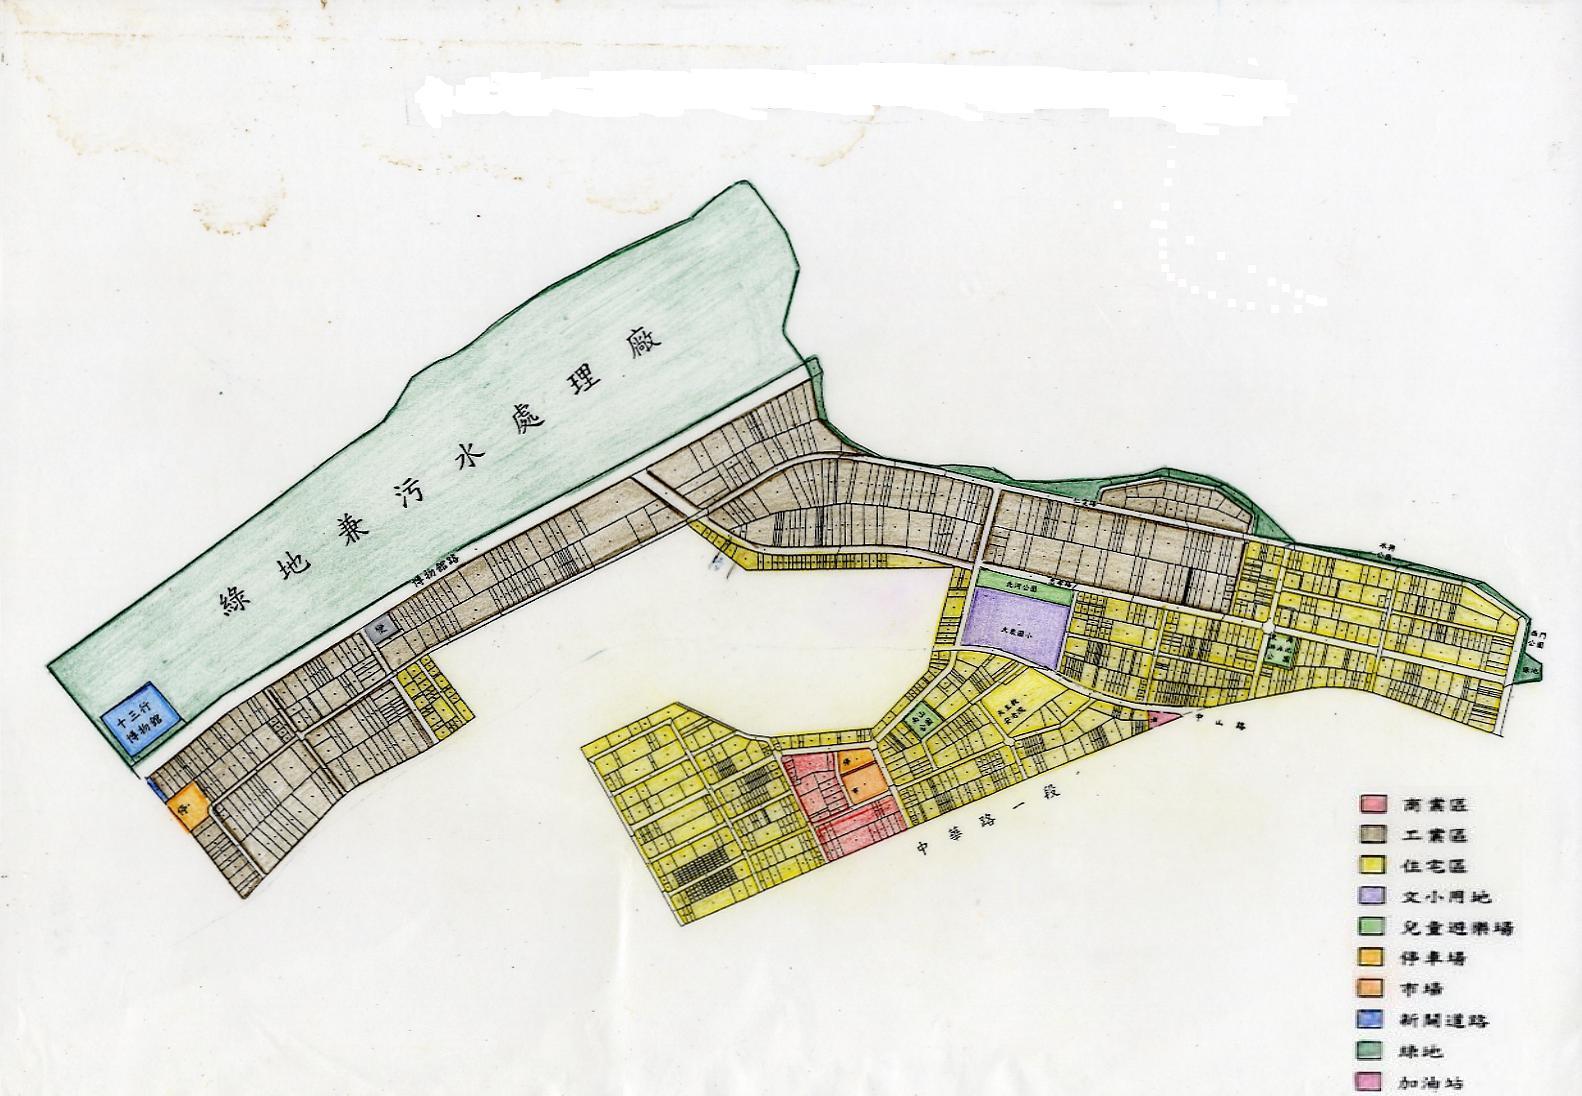 里區八里坌市地重劃區都市計畫圖